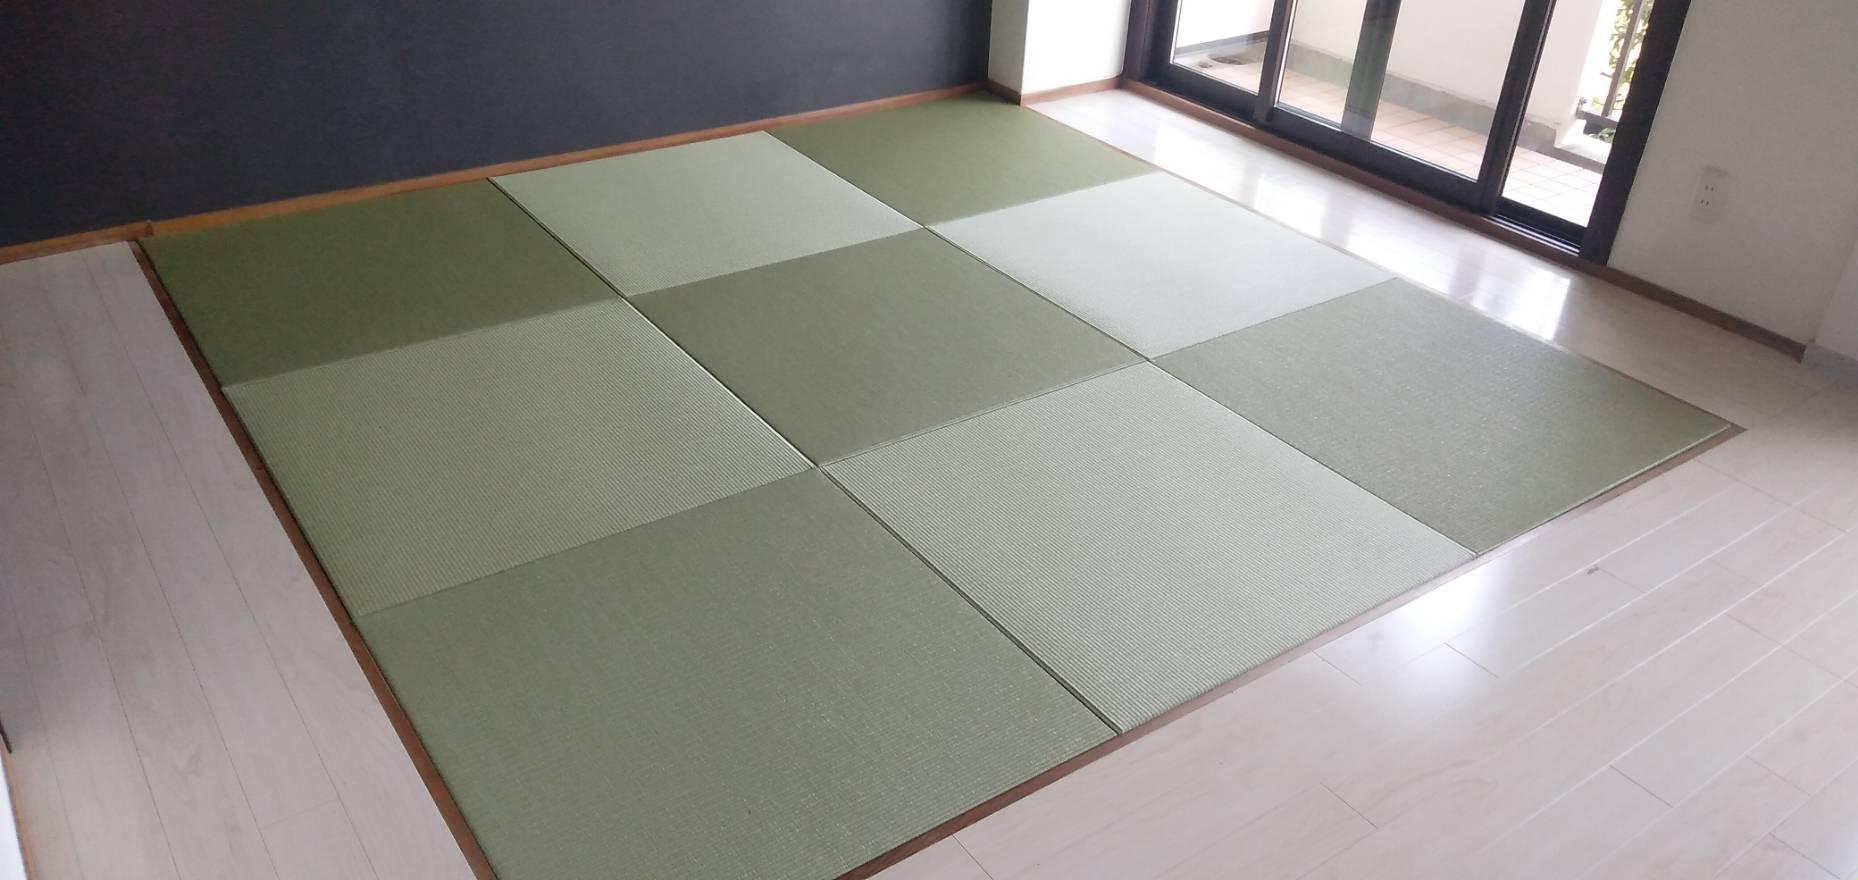 20210731宝塚市のマンションに縁なし畳を納品しました。